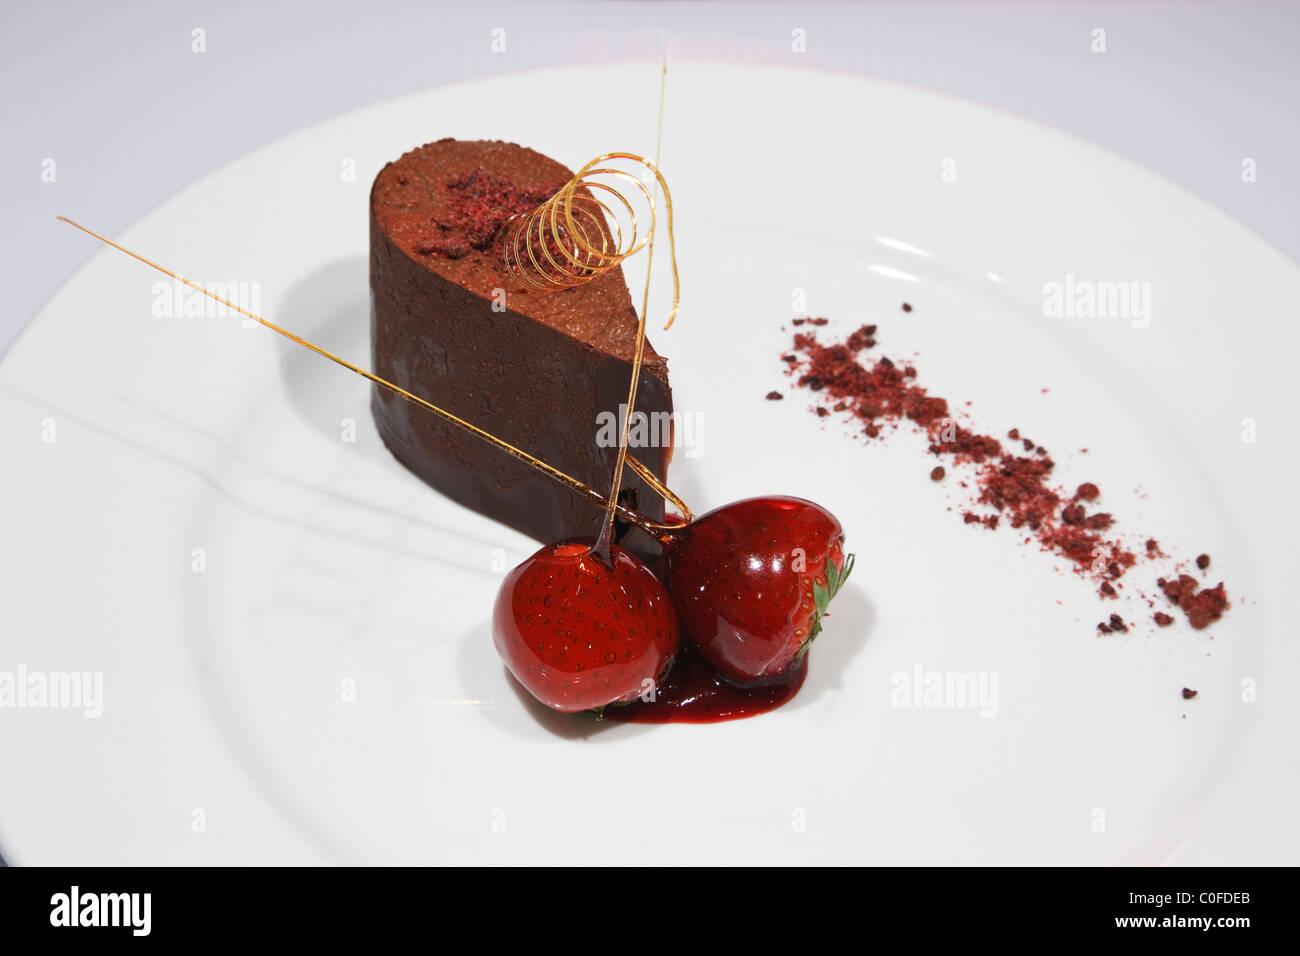 Schokoladenmousse mit zwei Erdbeeren Gourmet-Dessert Kurs auf einem weißen Teller von oben Stockbild